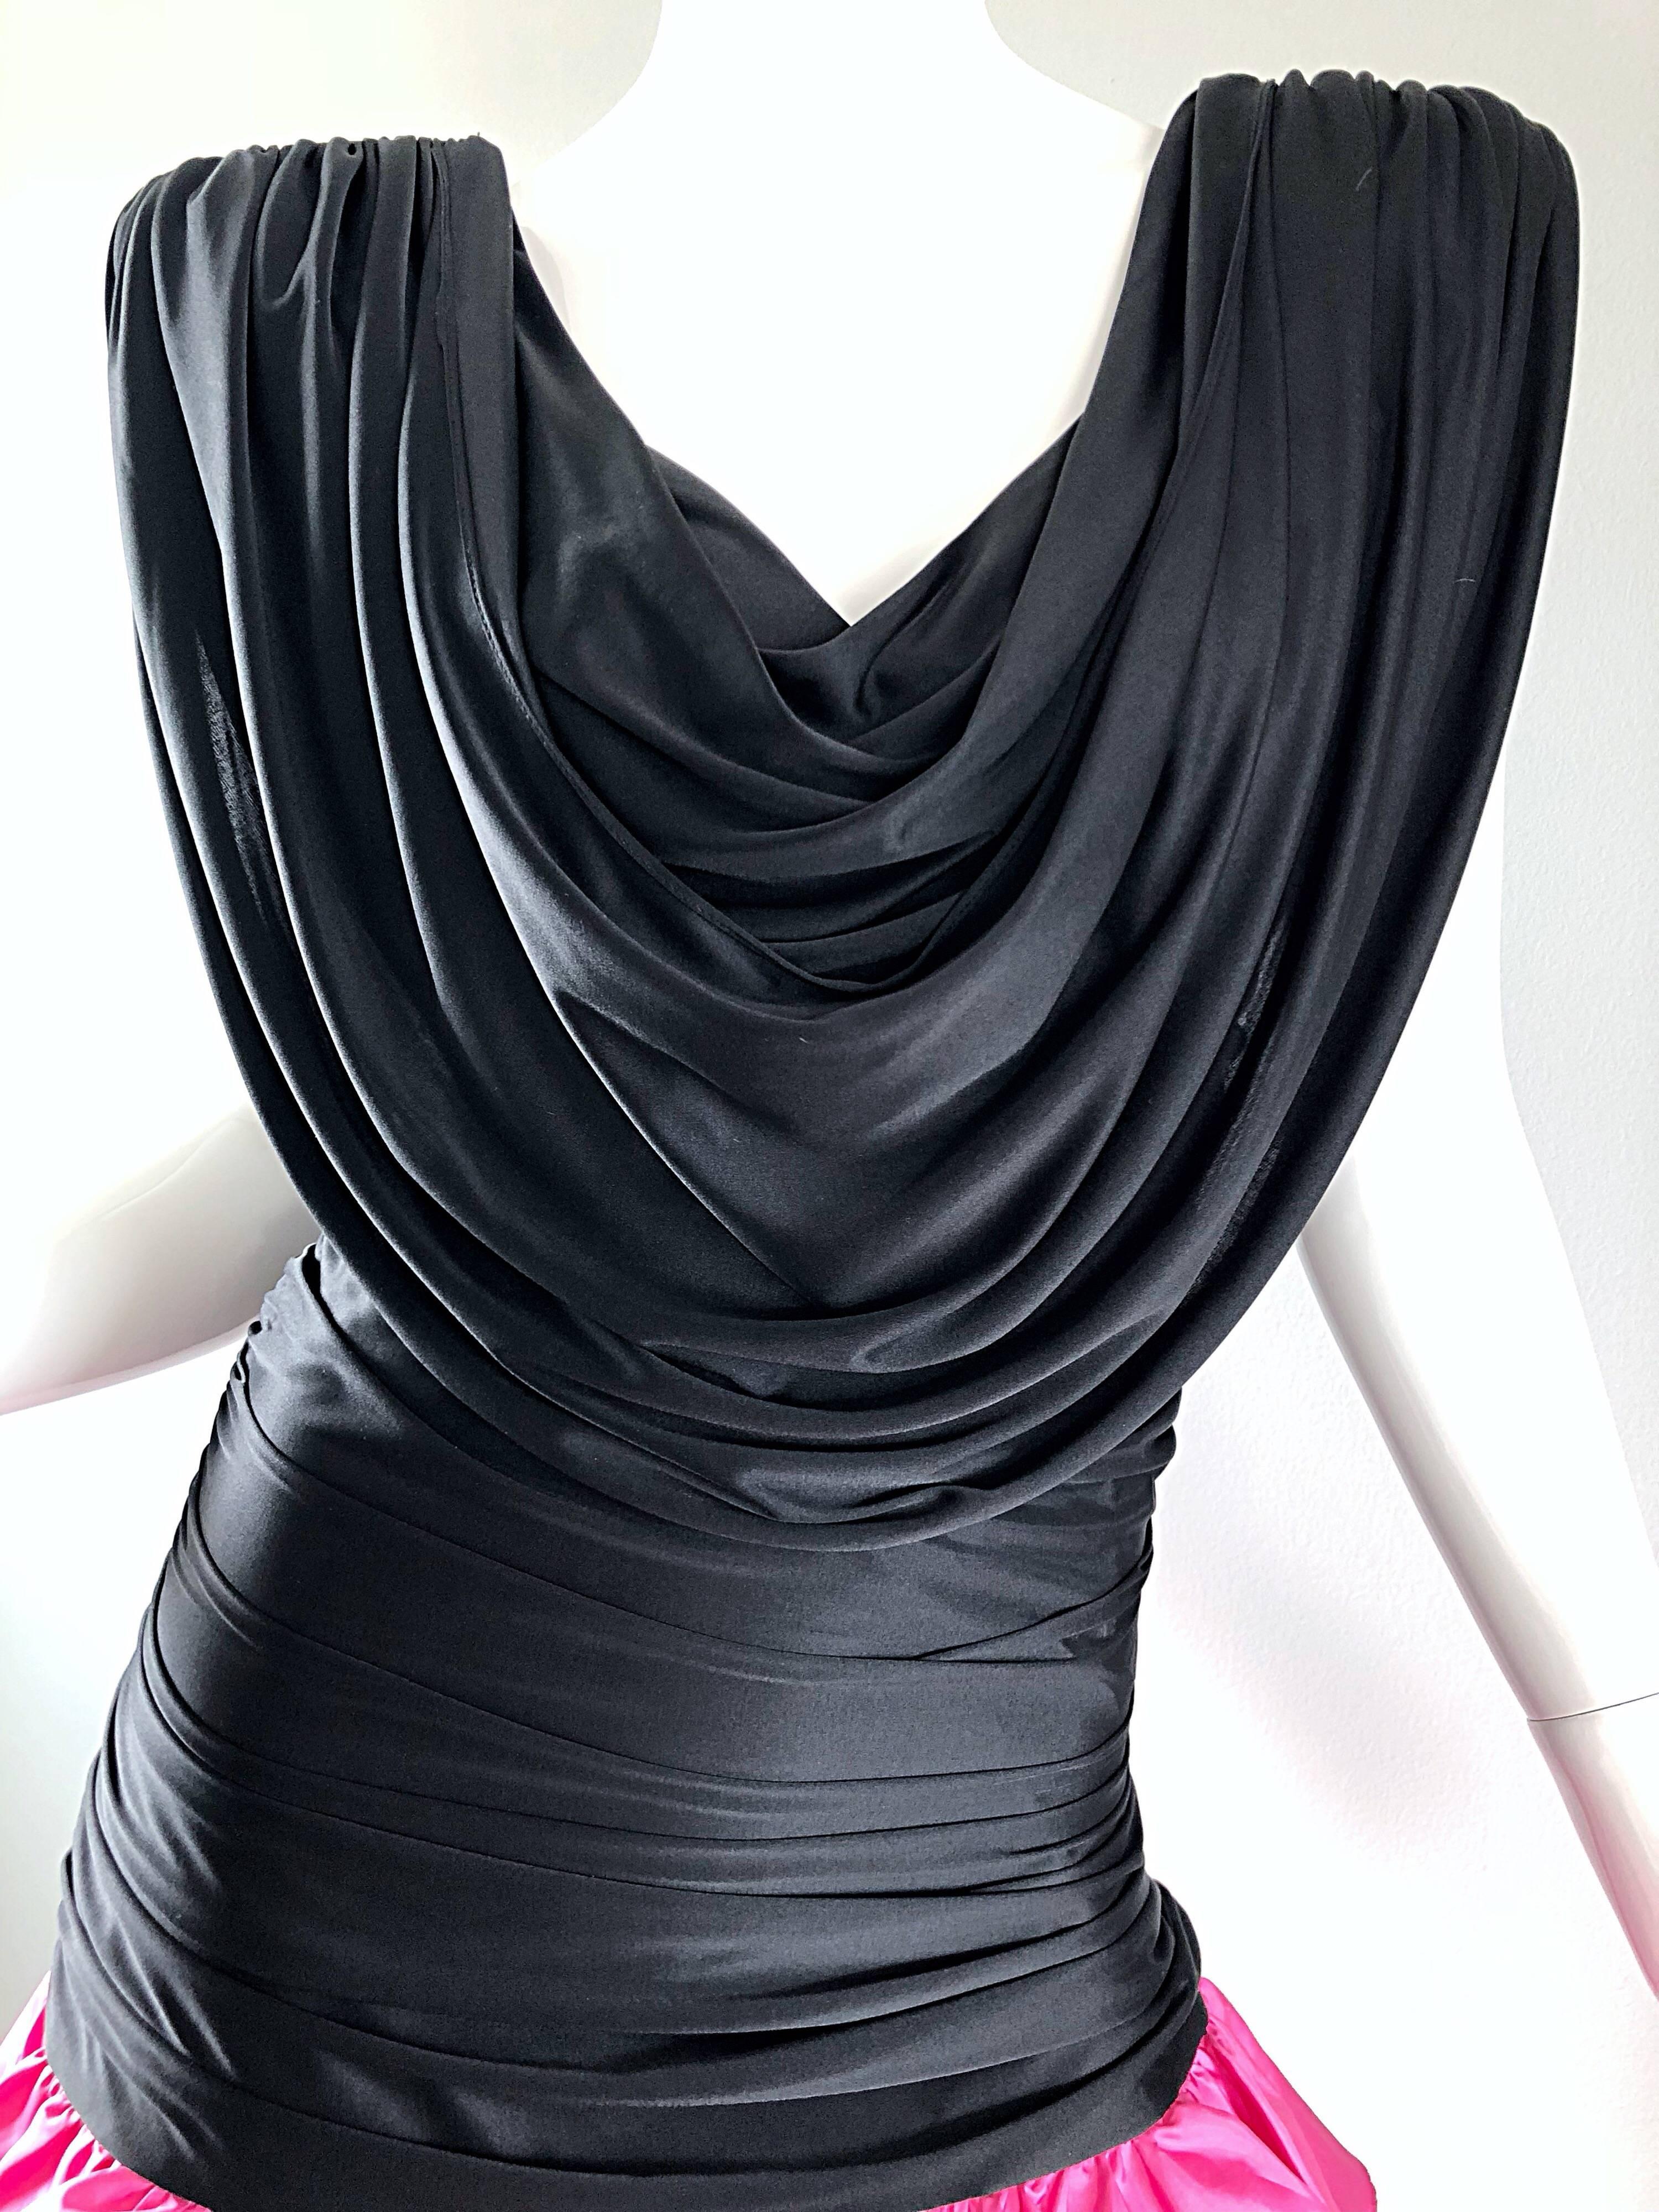 4982ad96a9b 1980s Hot Pink + Black Avant Garde Strong Shoulder Vintage 80s Cocktail  Dress For Sale at 1stdibs